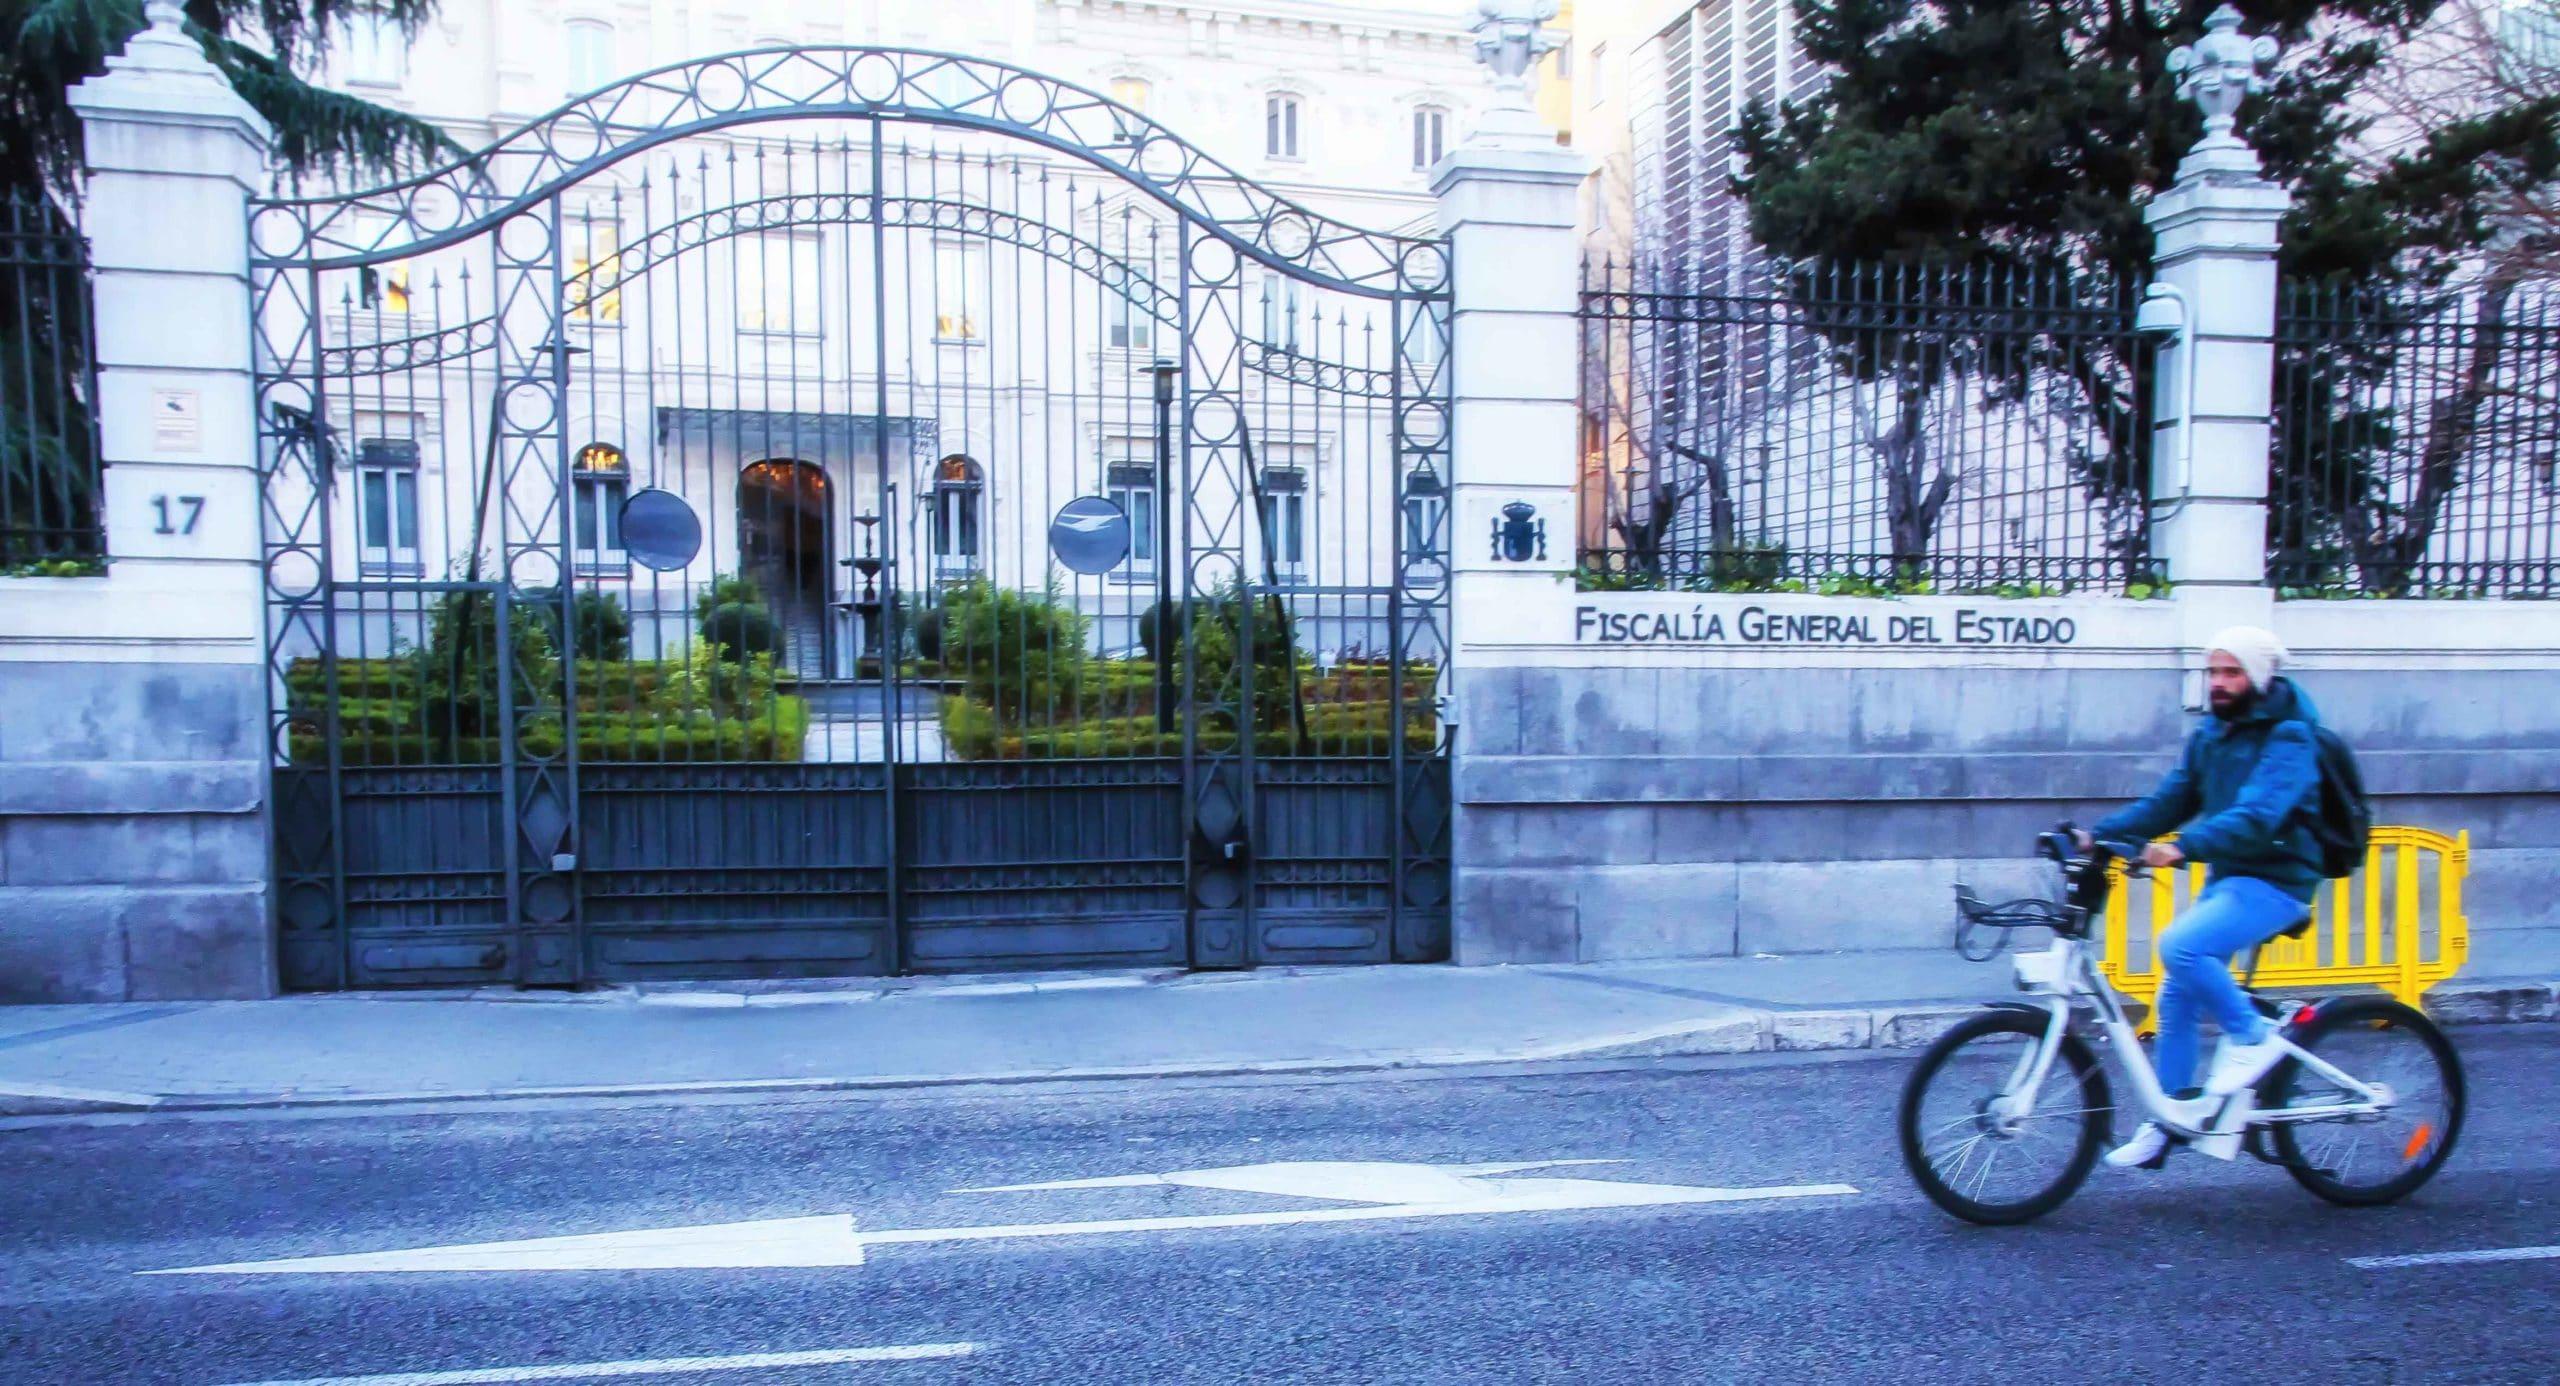 Un usuario de Bicimad montado en una de sus bicicletas pasando por la sede de la Fiscalía General del Estado, con salida al madrileño Paseo de la Castellana; el Ministerio Fiscal entrará en la querella.